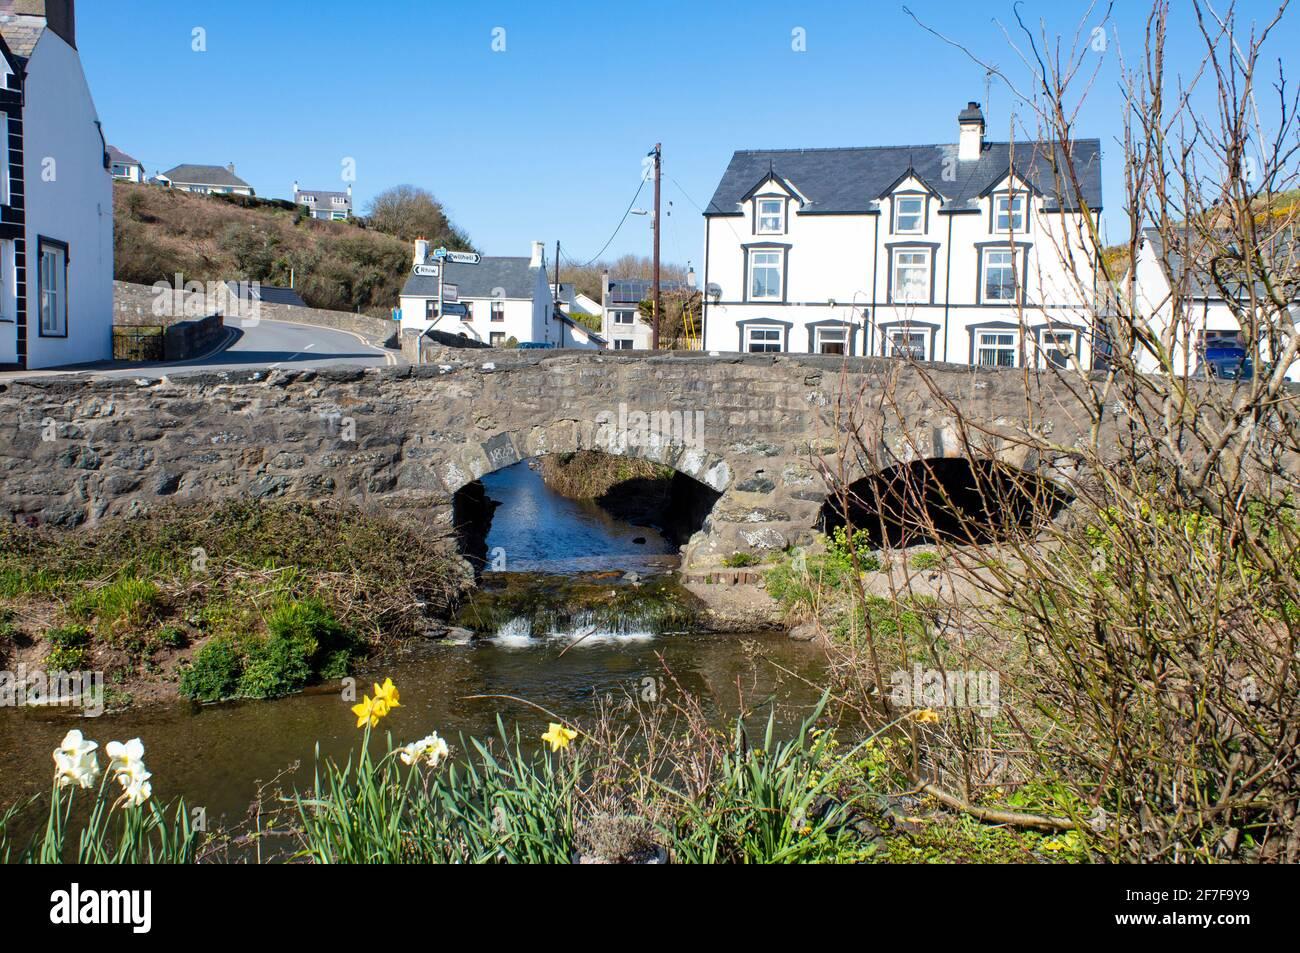 Aberdaron Village, Wales. Landschaft mit kleiner Steinbrücke über einen Bach. Charmanter kleiner Badeort. Stockfoto